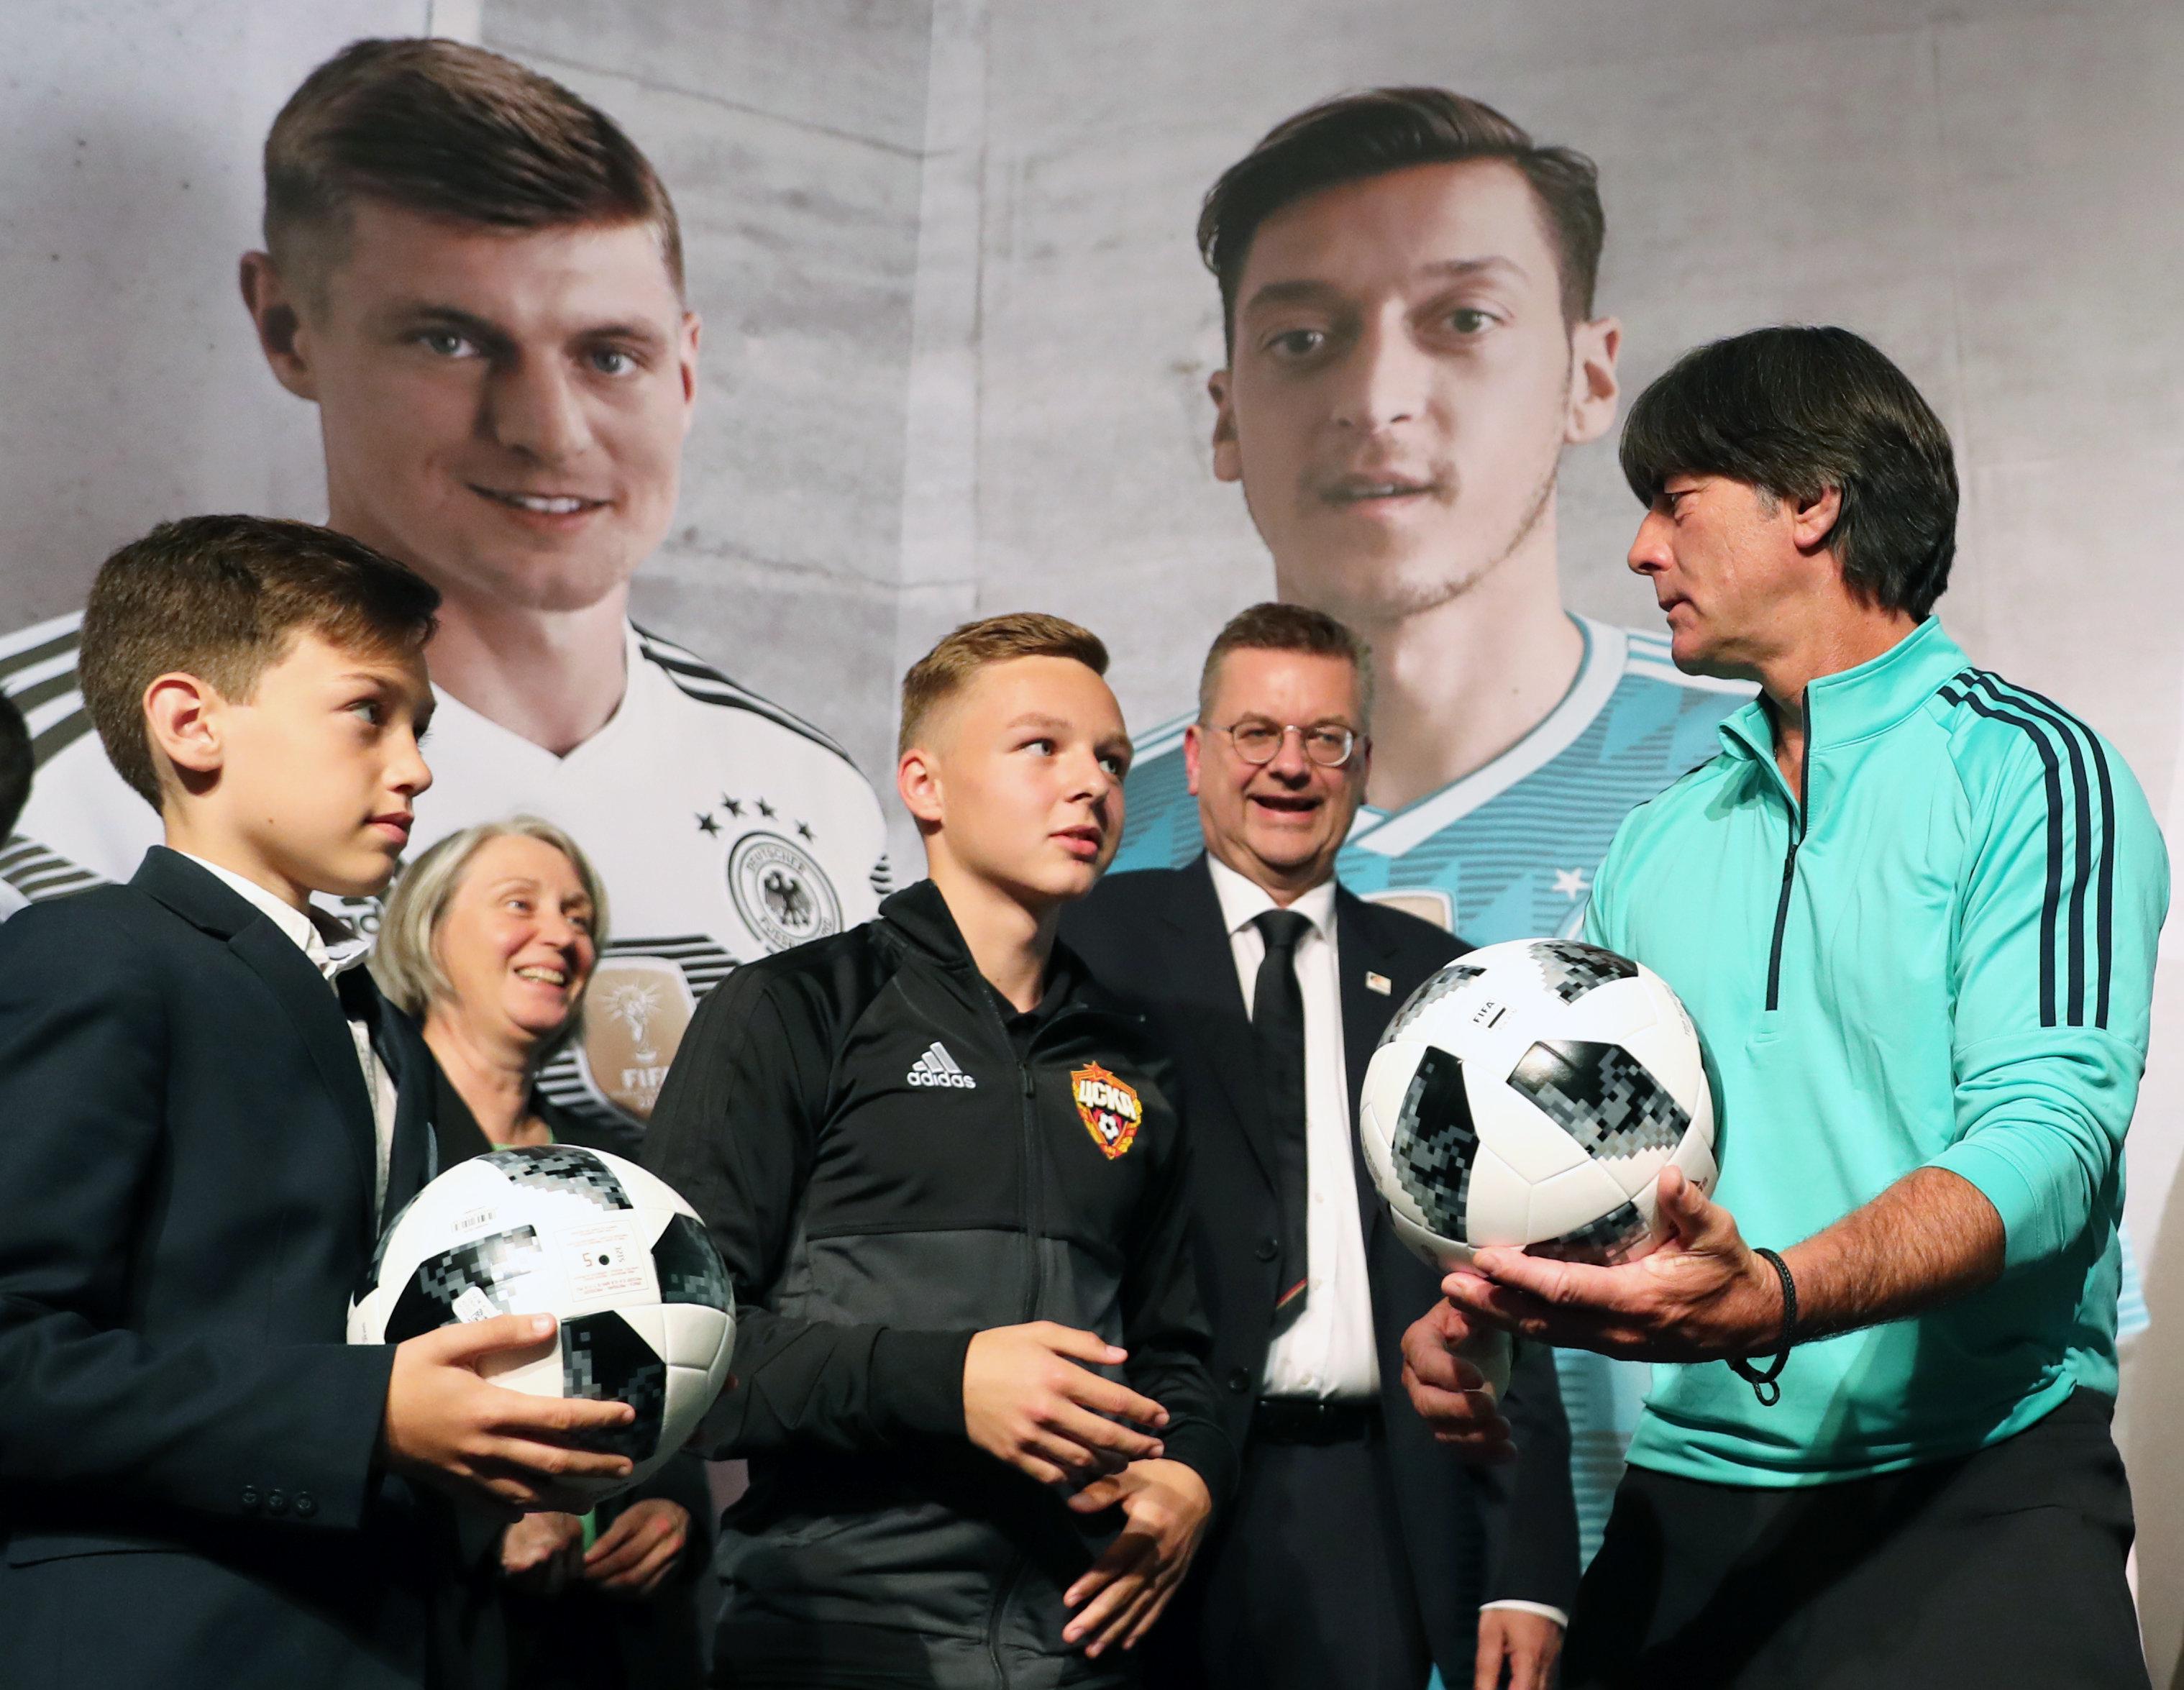 Fußball-WM in Russland: Fakten zu Sperren, Regeln, Zeitzonen